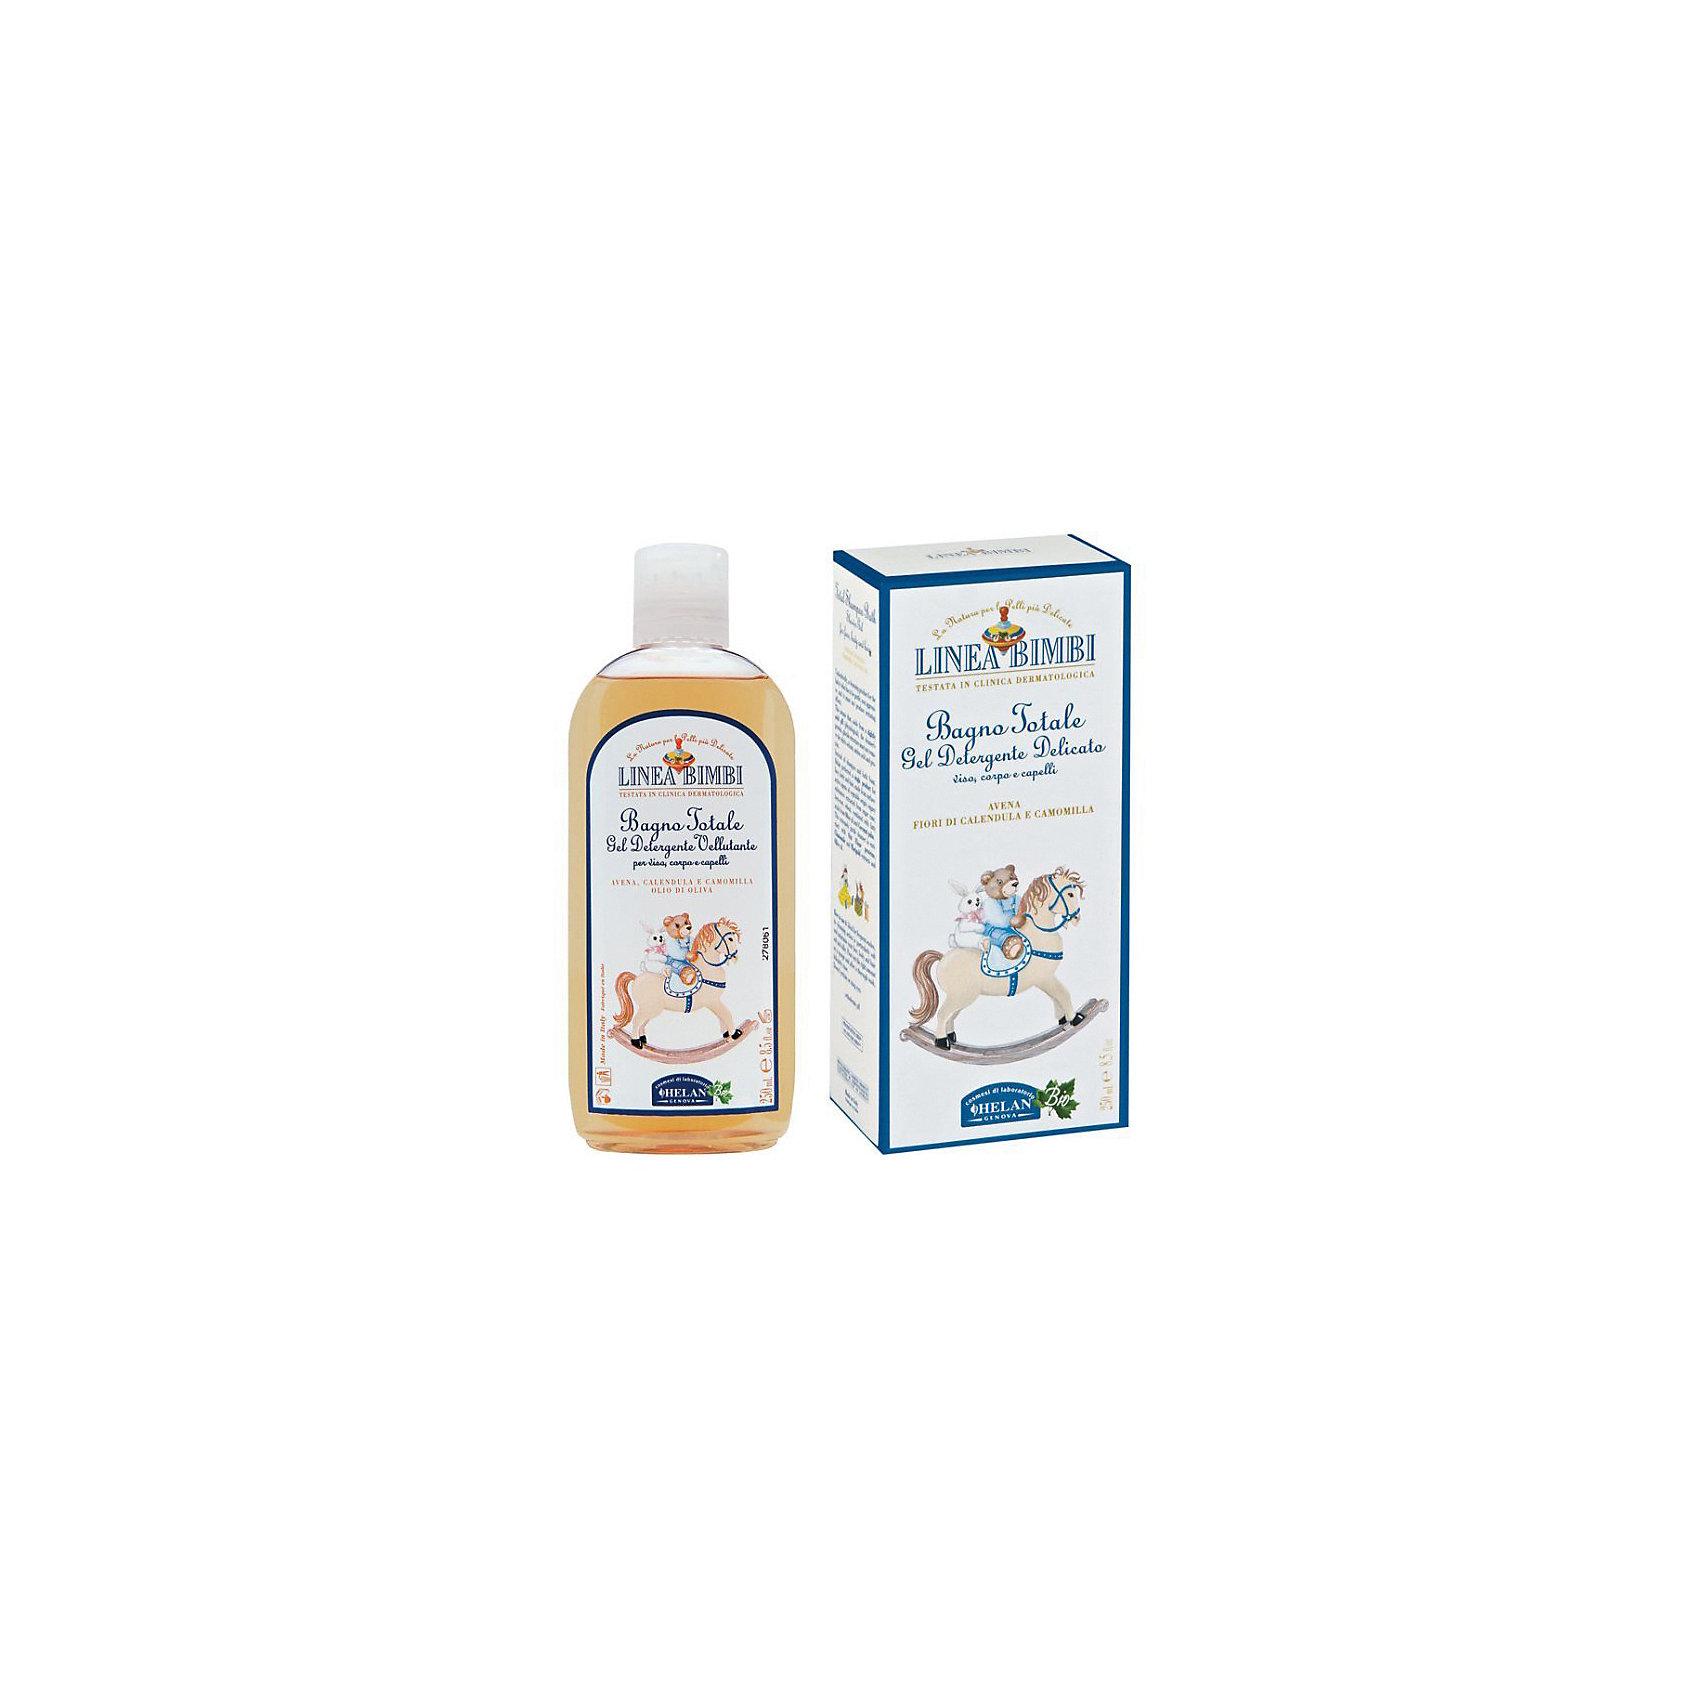 Шампунь-гель детский для волос и тела Linea Bimbi, 250 мл., HELANСредства защиты от солнца и насекомых<br>Шампунь-гель детский для волос и тела Linea Bimbi, 250 мл., HELAN (Хелан)<br><br>Характеристики:<br><br>• бережно очищает волосы и кожу ребенка<br>• сохраняет естественный уровень pH<br>• успокаивает кожу головы<br>• питает и укрепляет волосы<br>• не вызывает раздражения слизистой глаз<br>• не содержит консерванты и сульфаты<br>• активные компоненты: экстракт свеклы, экстракт пшеницы, экстракт сахарного тростника, масло овса, масло кокоса, экстракт ромашки, экстракт календулы<br>• объем: 250 мл<br>• размер упаковки: 17х9х5 см<br>• вес: 360 грамм<br><br>Шампунь-гель Linea Bimbi подходит для очищения волос и кожи головы с самого рождения. Шампунь сохраняет естественный уровень pH, питает и укрепляет волосы, а также успокаивает кожу головы. Щадящее действие шампуня позволяет сохранить защитный слой кожи малыша. Не вызывает раздражения при попадании в глаза. Активные компоненты шампуня получены из растений, которые были выращены без применения пестицидов и других вредных химикатов.<br><br>Шампунь-гель детский для волос и тела Linea Bimbi, 250 мл., HELAN (Хелан) можно купить в нашем интернет-магазине.<br><br>Ширина мм: 50<br>Глубина мм: 90<br>Высота мм: 170<br>Вес г: 360<br>Возраст от месяцев: -2147483648<br>Возраст до месяцев: 2147483647<br>Пол: Унисекс<br>Возраст: Детский<br>SKU: 5401697